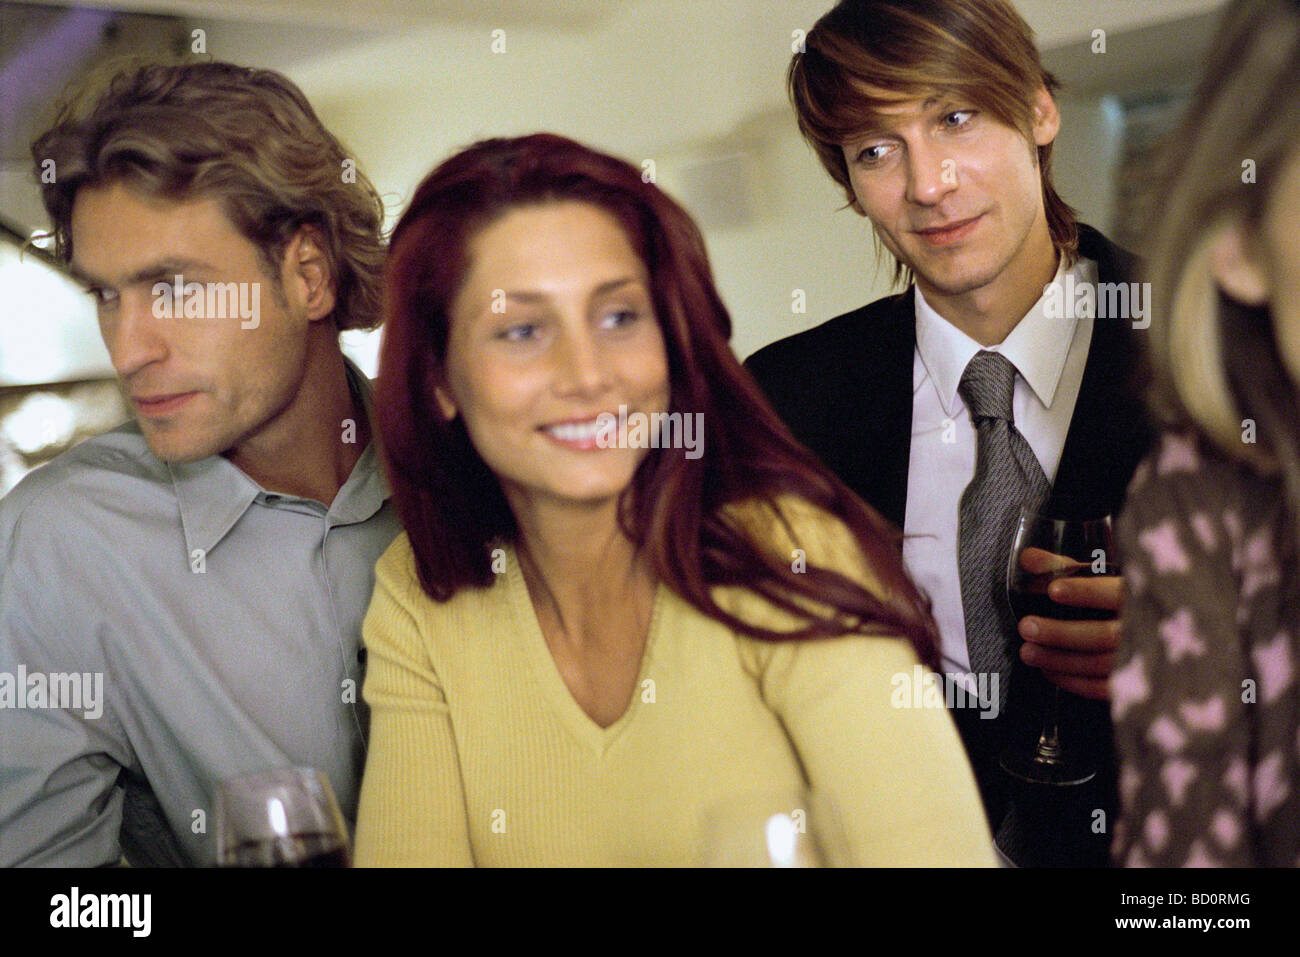 Young man watching woman at bar Stock Photo